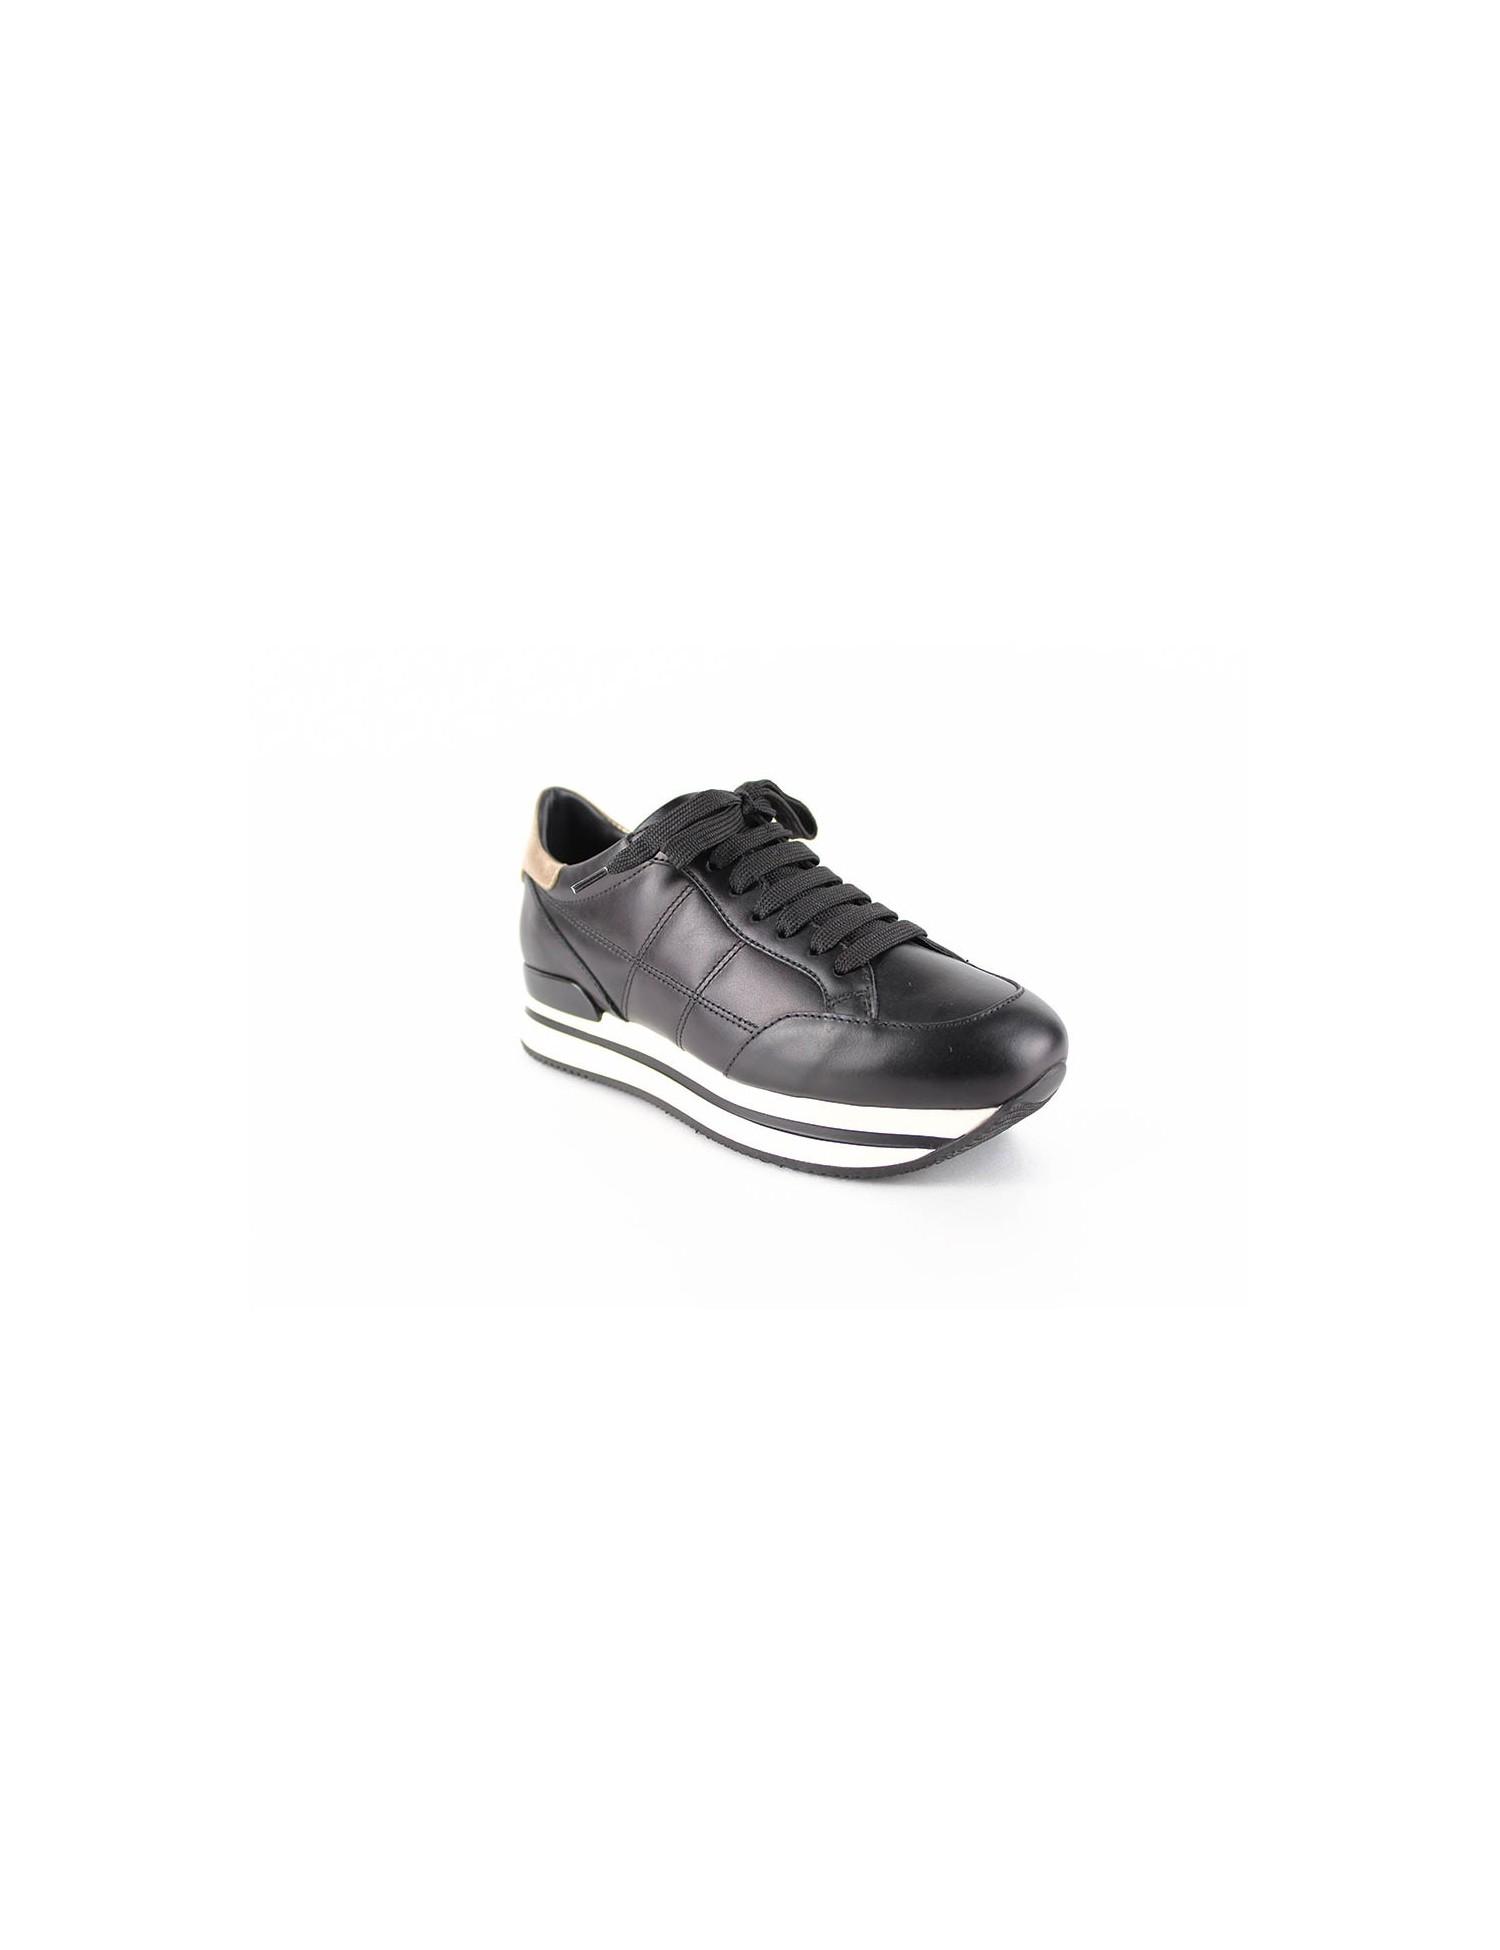 taille 40 6c7dc e7571 Baskets H222 Chaussure Pour Femme - SNEAKERS - HOGAN | Prêt-à-port...